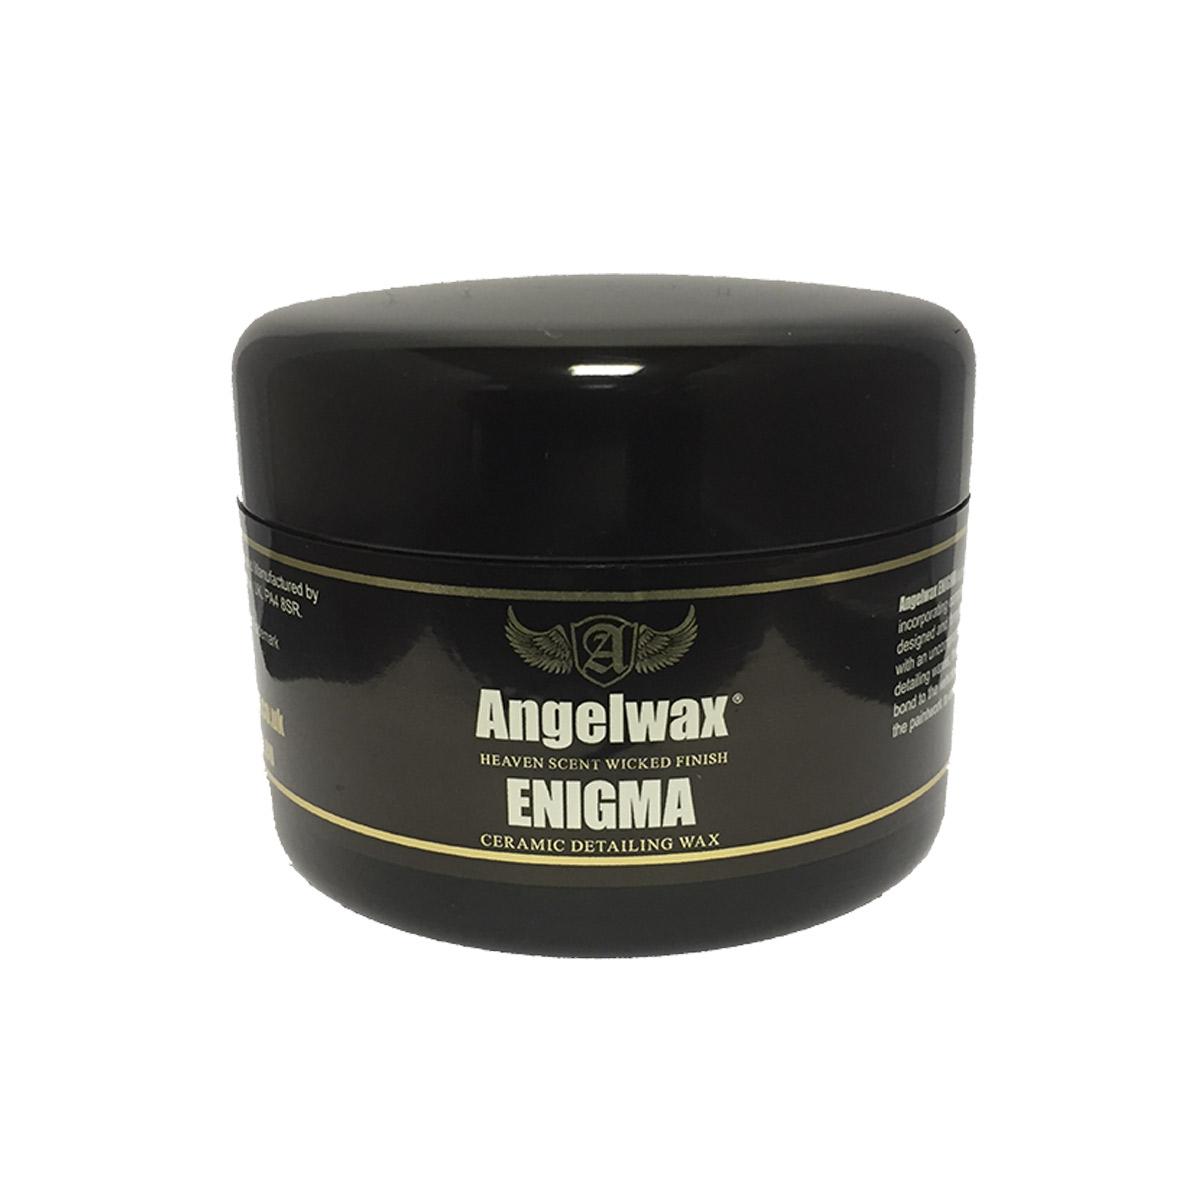 Bilvax Angelwax Enigma Wax, 33 ml, Endast vax